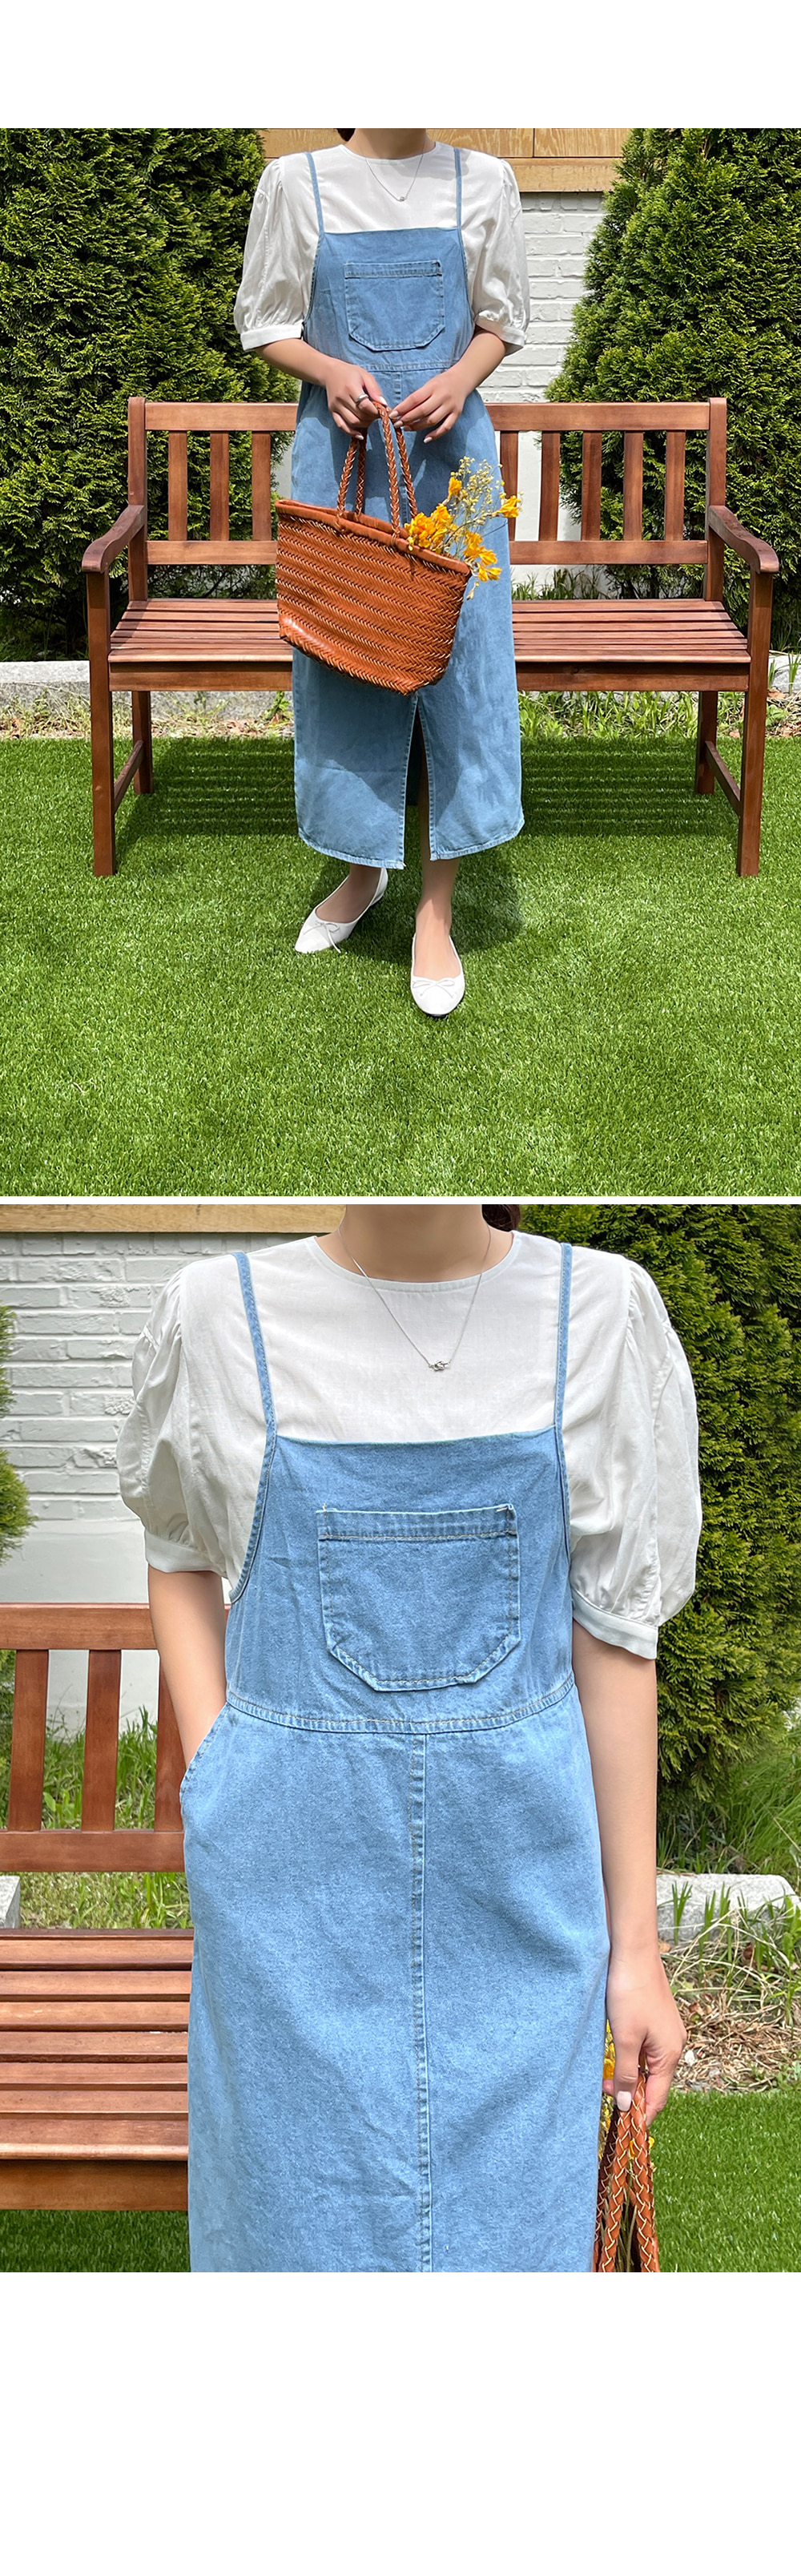 Denim Dress with Suspenders-holiholic.com